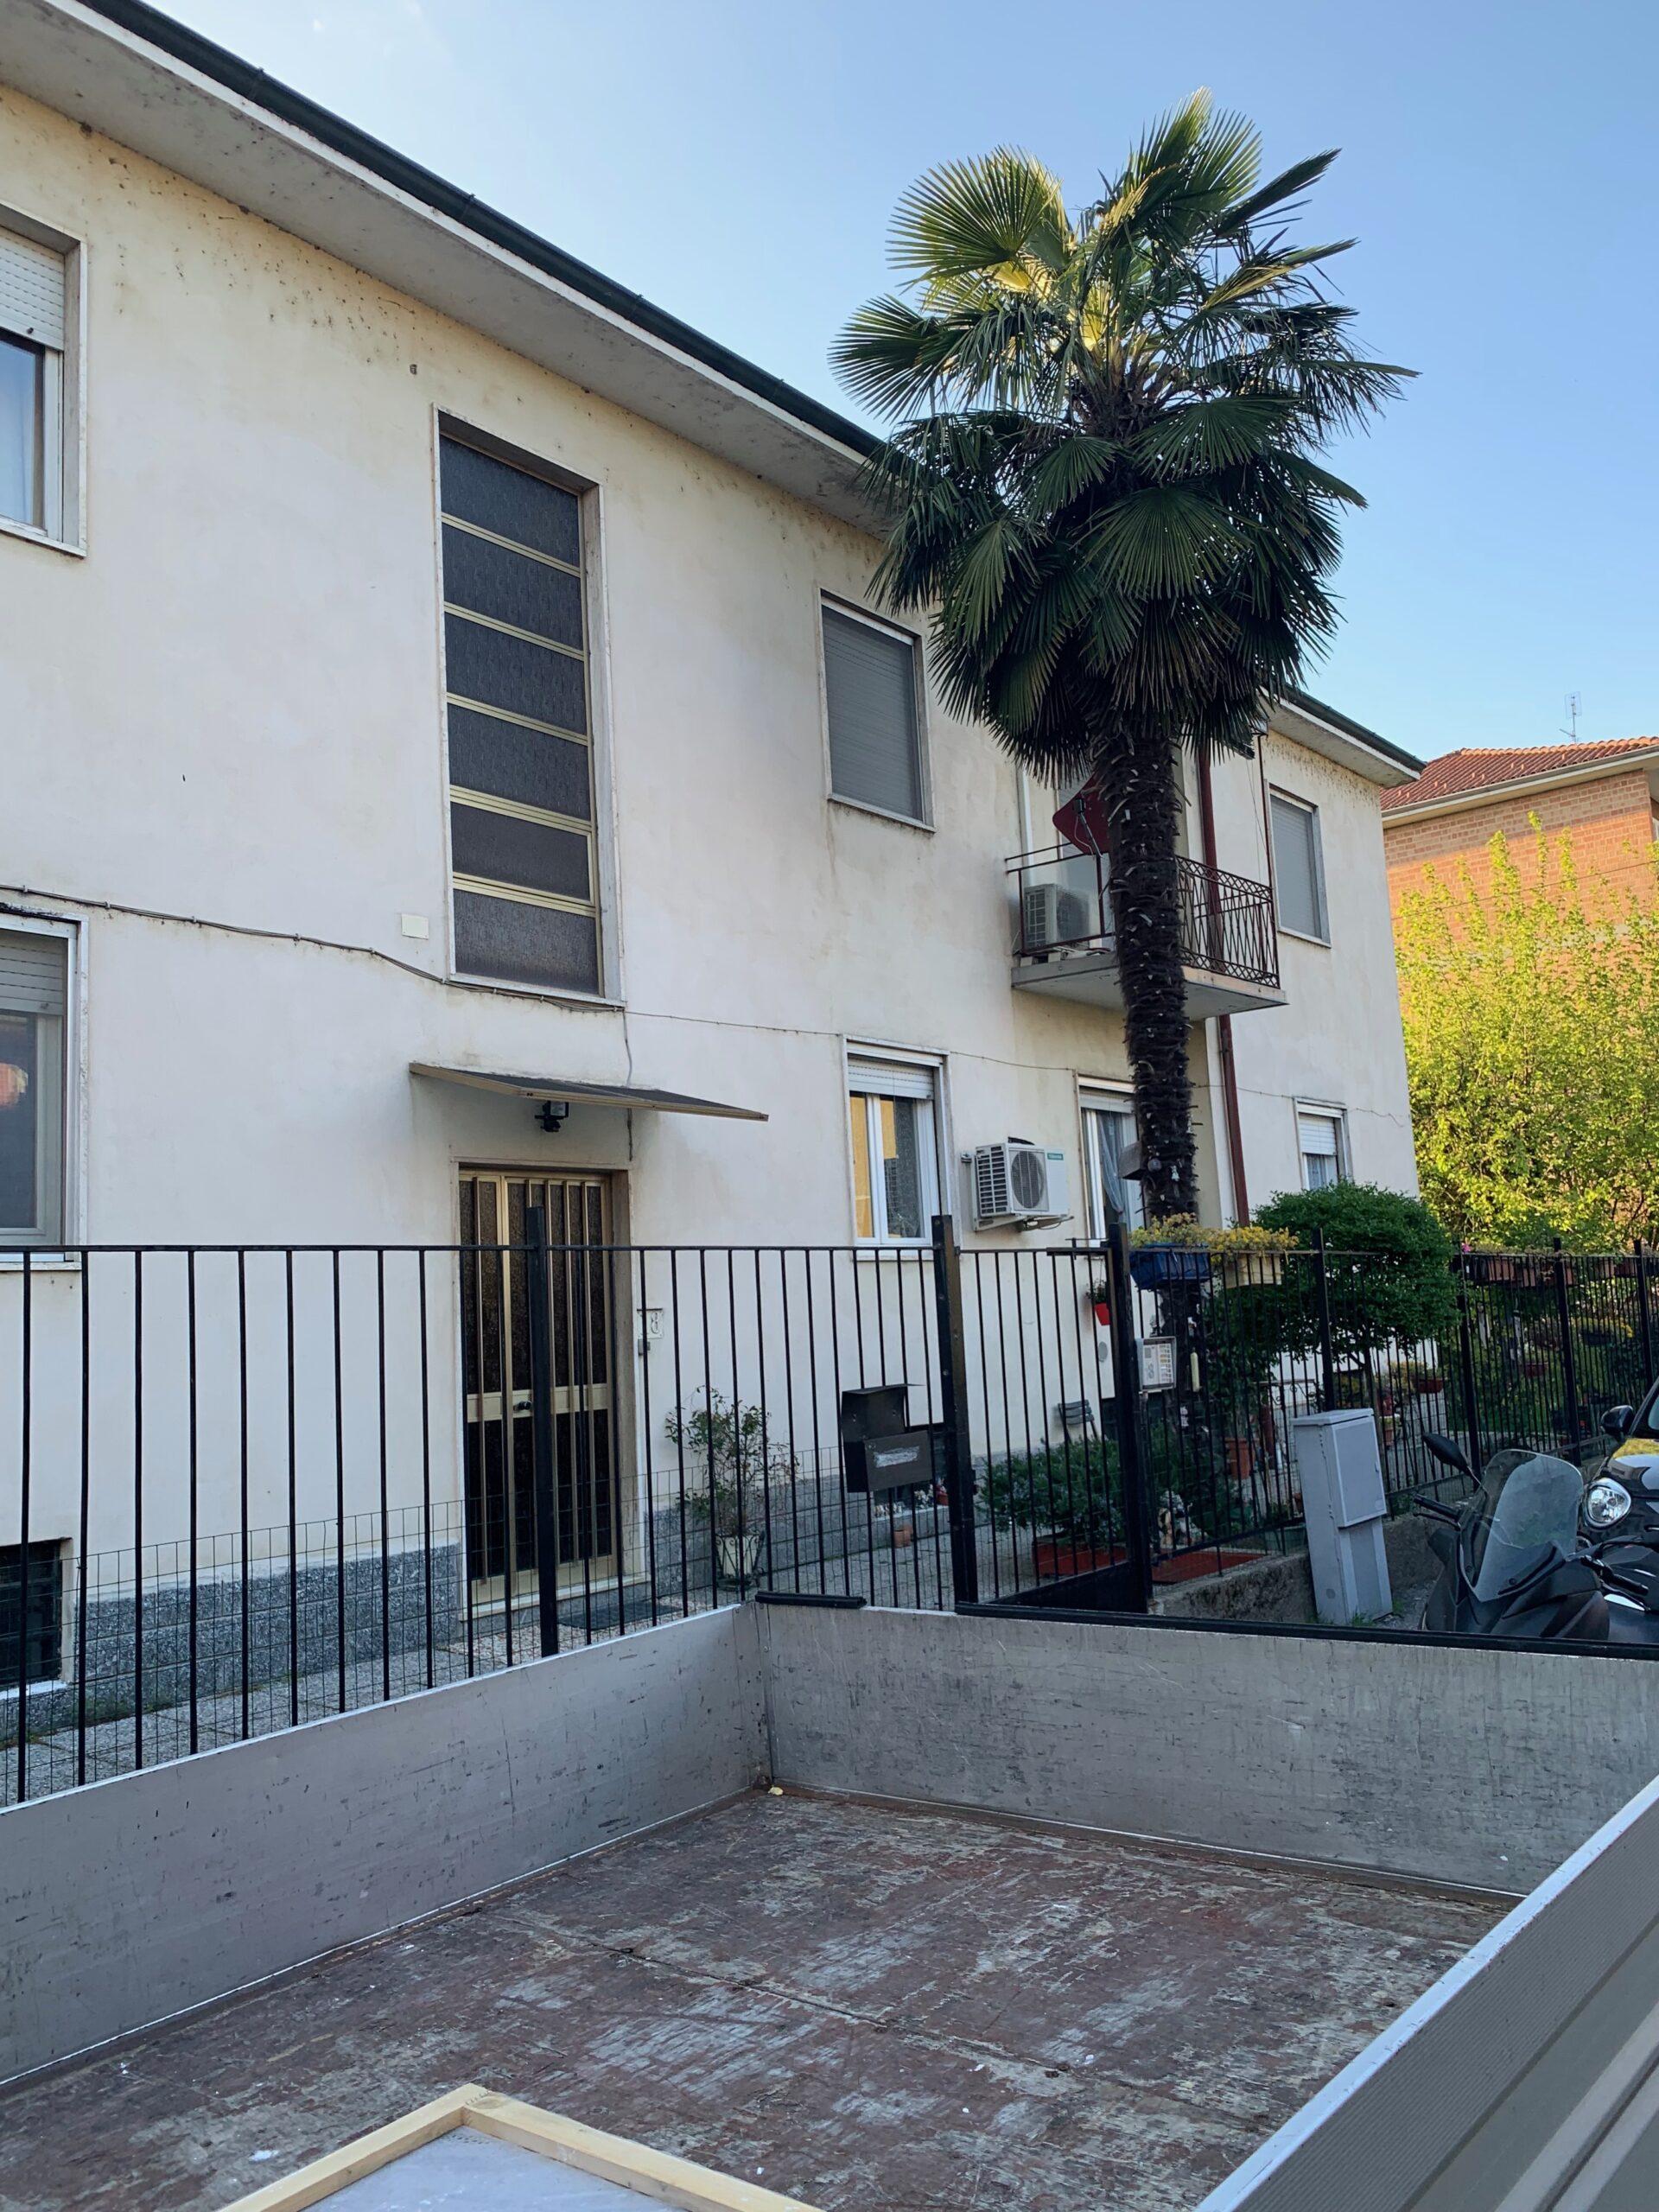 PAVIA VIA OGLIO AFFITTASI AMPIO BILOCALE CON 2 STANZE SEPARATE EURO 500 MESE